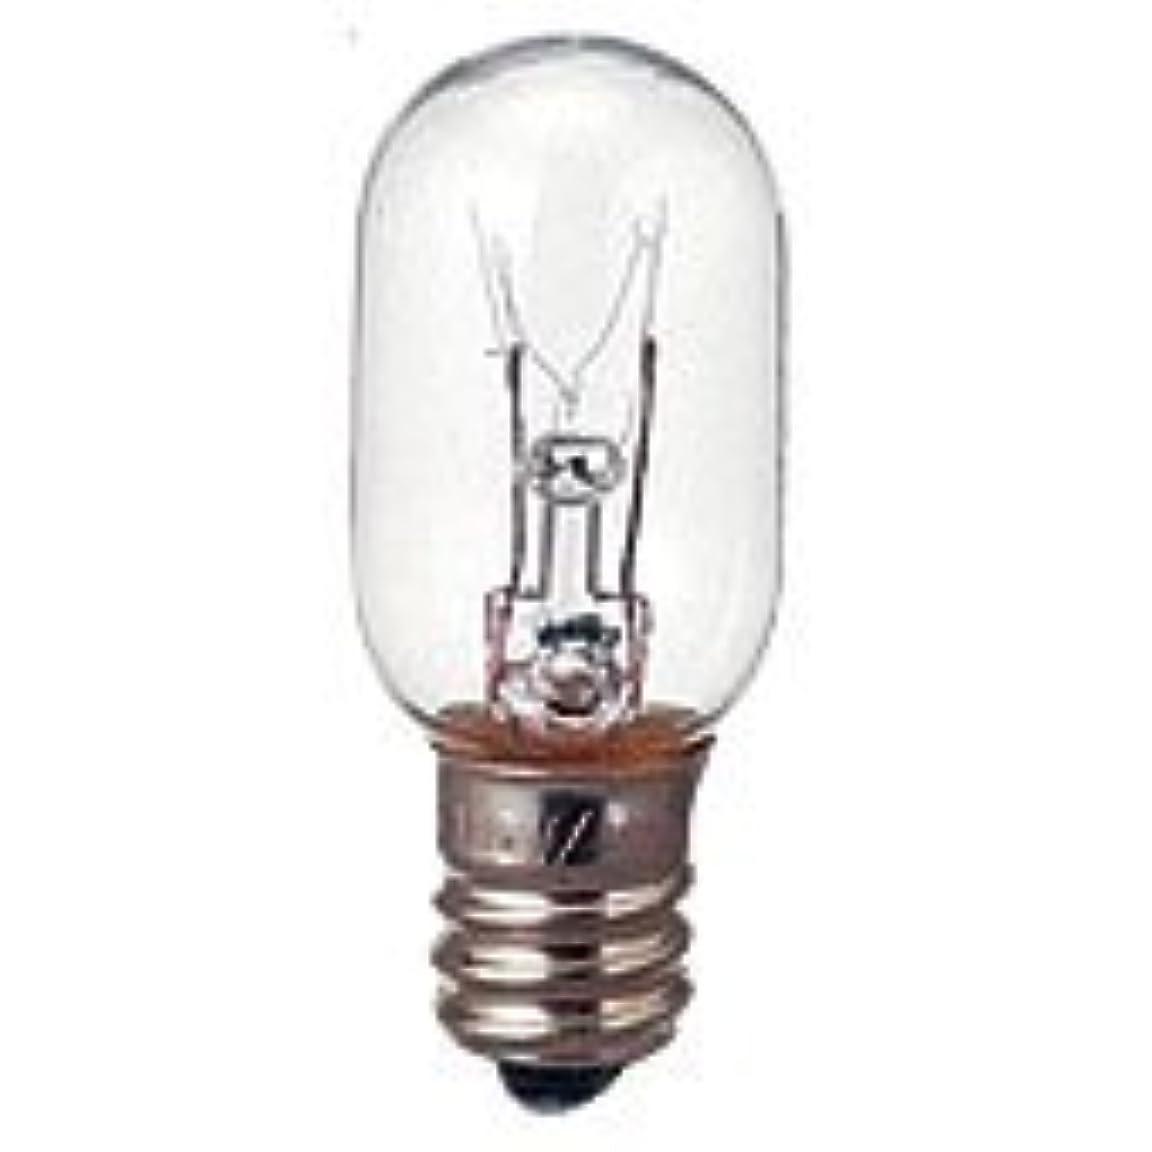 思春期ブース報いる生活の木 オールナイト用電球(5W)